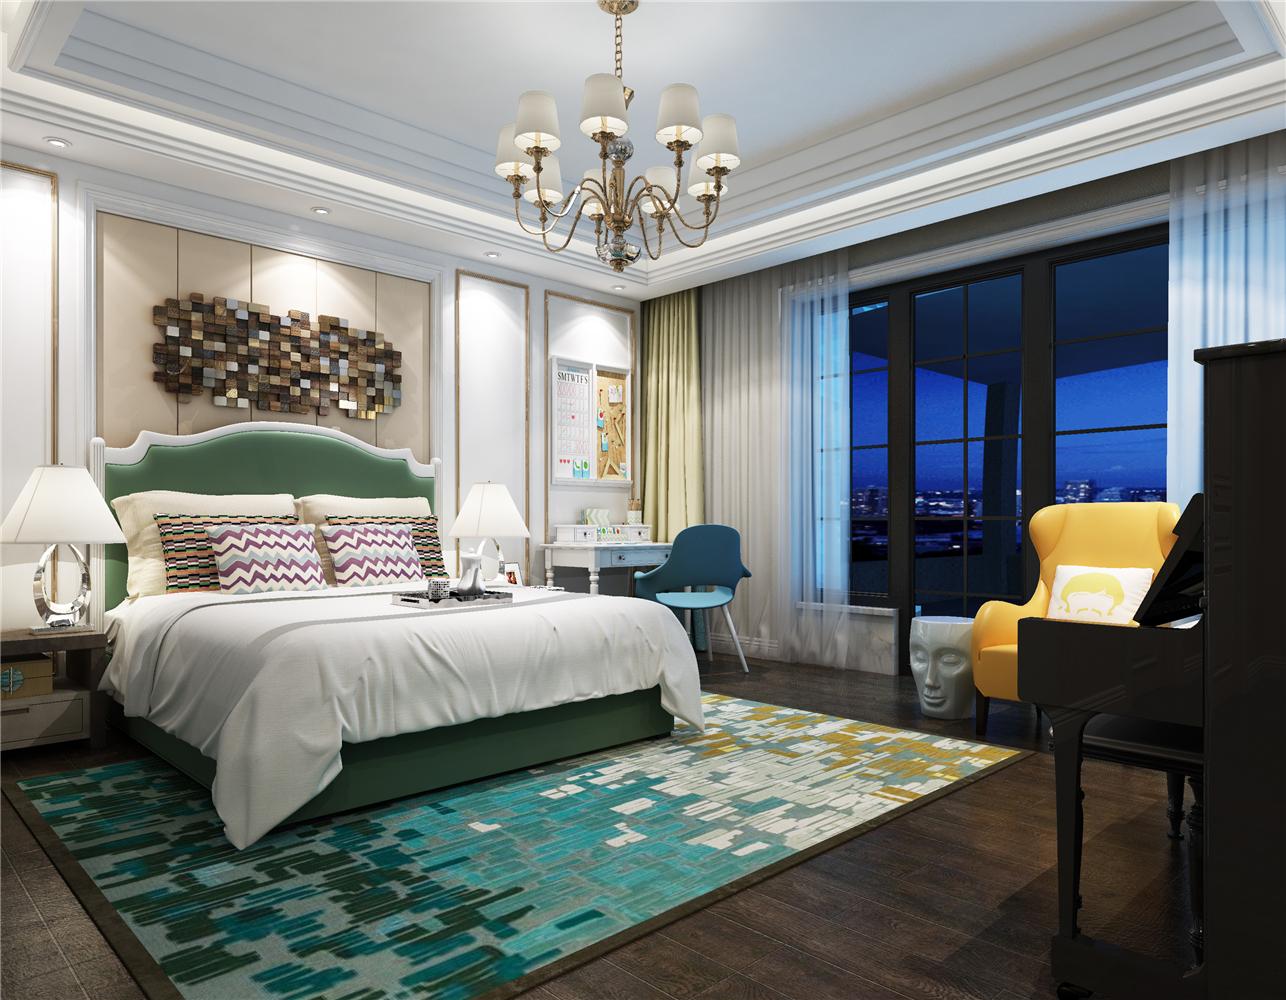 纯净吊灯温馨墙面欧式卧室装修风格